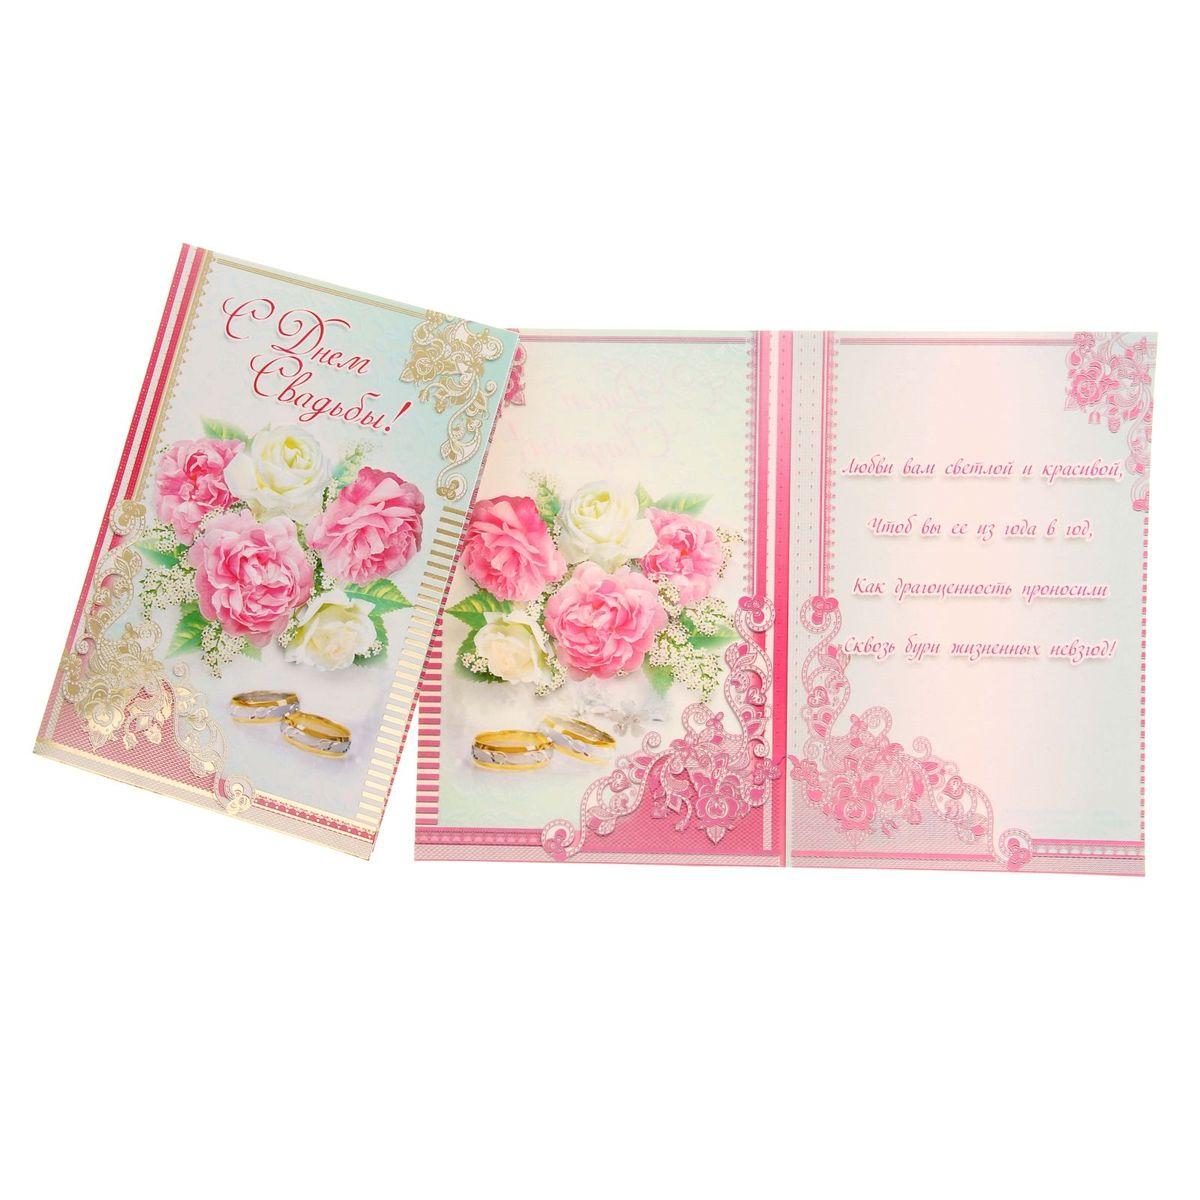 Открытка Sima-land С днем свадьбы! Розы1110941Если вы хотите порадовать себя или близких, создать праздничное настроение и с улыбкой провести памятный день, то вы, несомненно, сделали правильный выбор! Открытка Sima-land С днем свадьбы! Розы, выполненная из плотной бумаги, отличается не только оригинальным дизайном, но и высоким качеством. Лицевая сторона изделия оформлена ярким изображением. Внутри открытка содержит текст с поздравлением. Такая открытка непременно порадует получателя и станет отличным напоминанием о проведенном вместе времени.